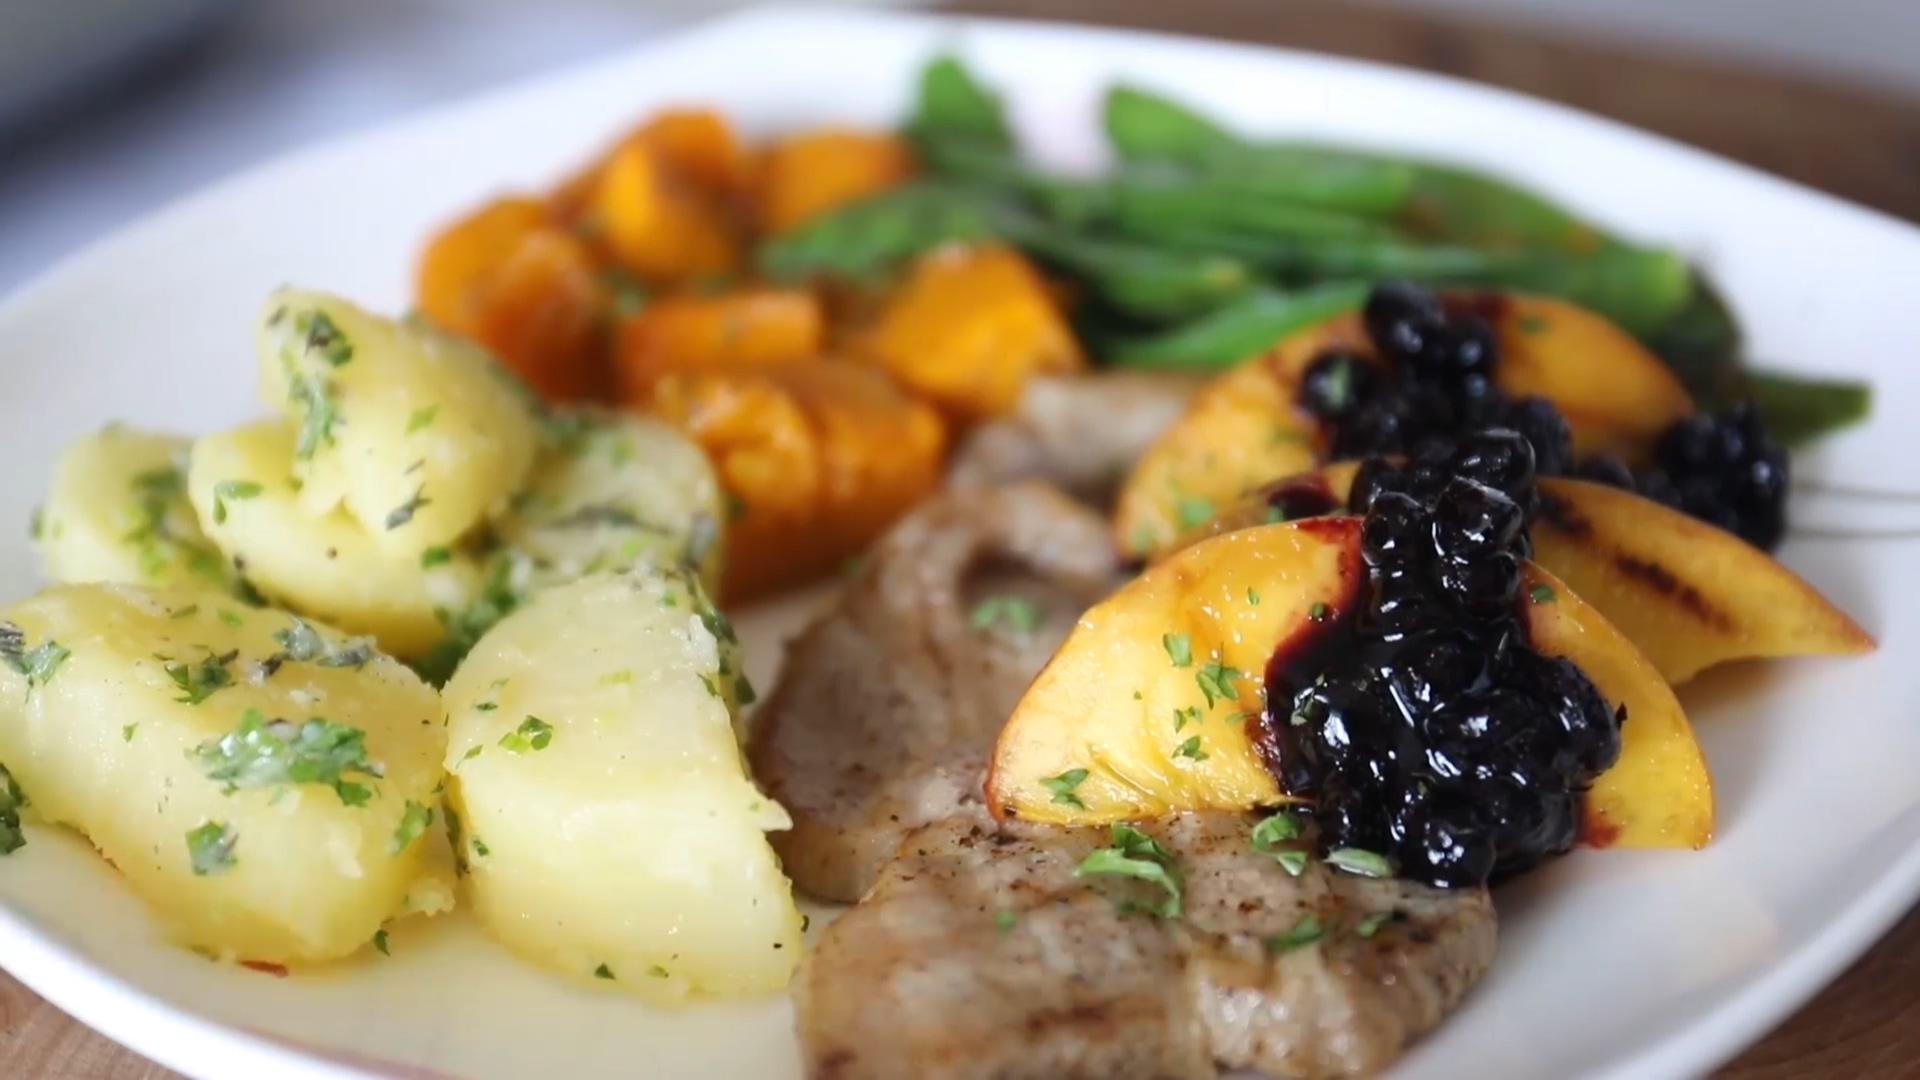 厨师腌制加拿大猪肉排后烤熟,配蓝莓果酱酱汁做西餐!